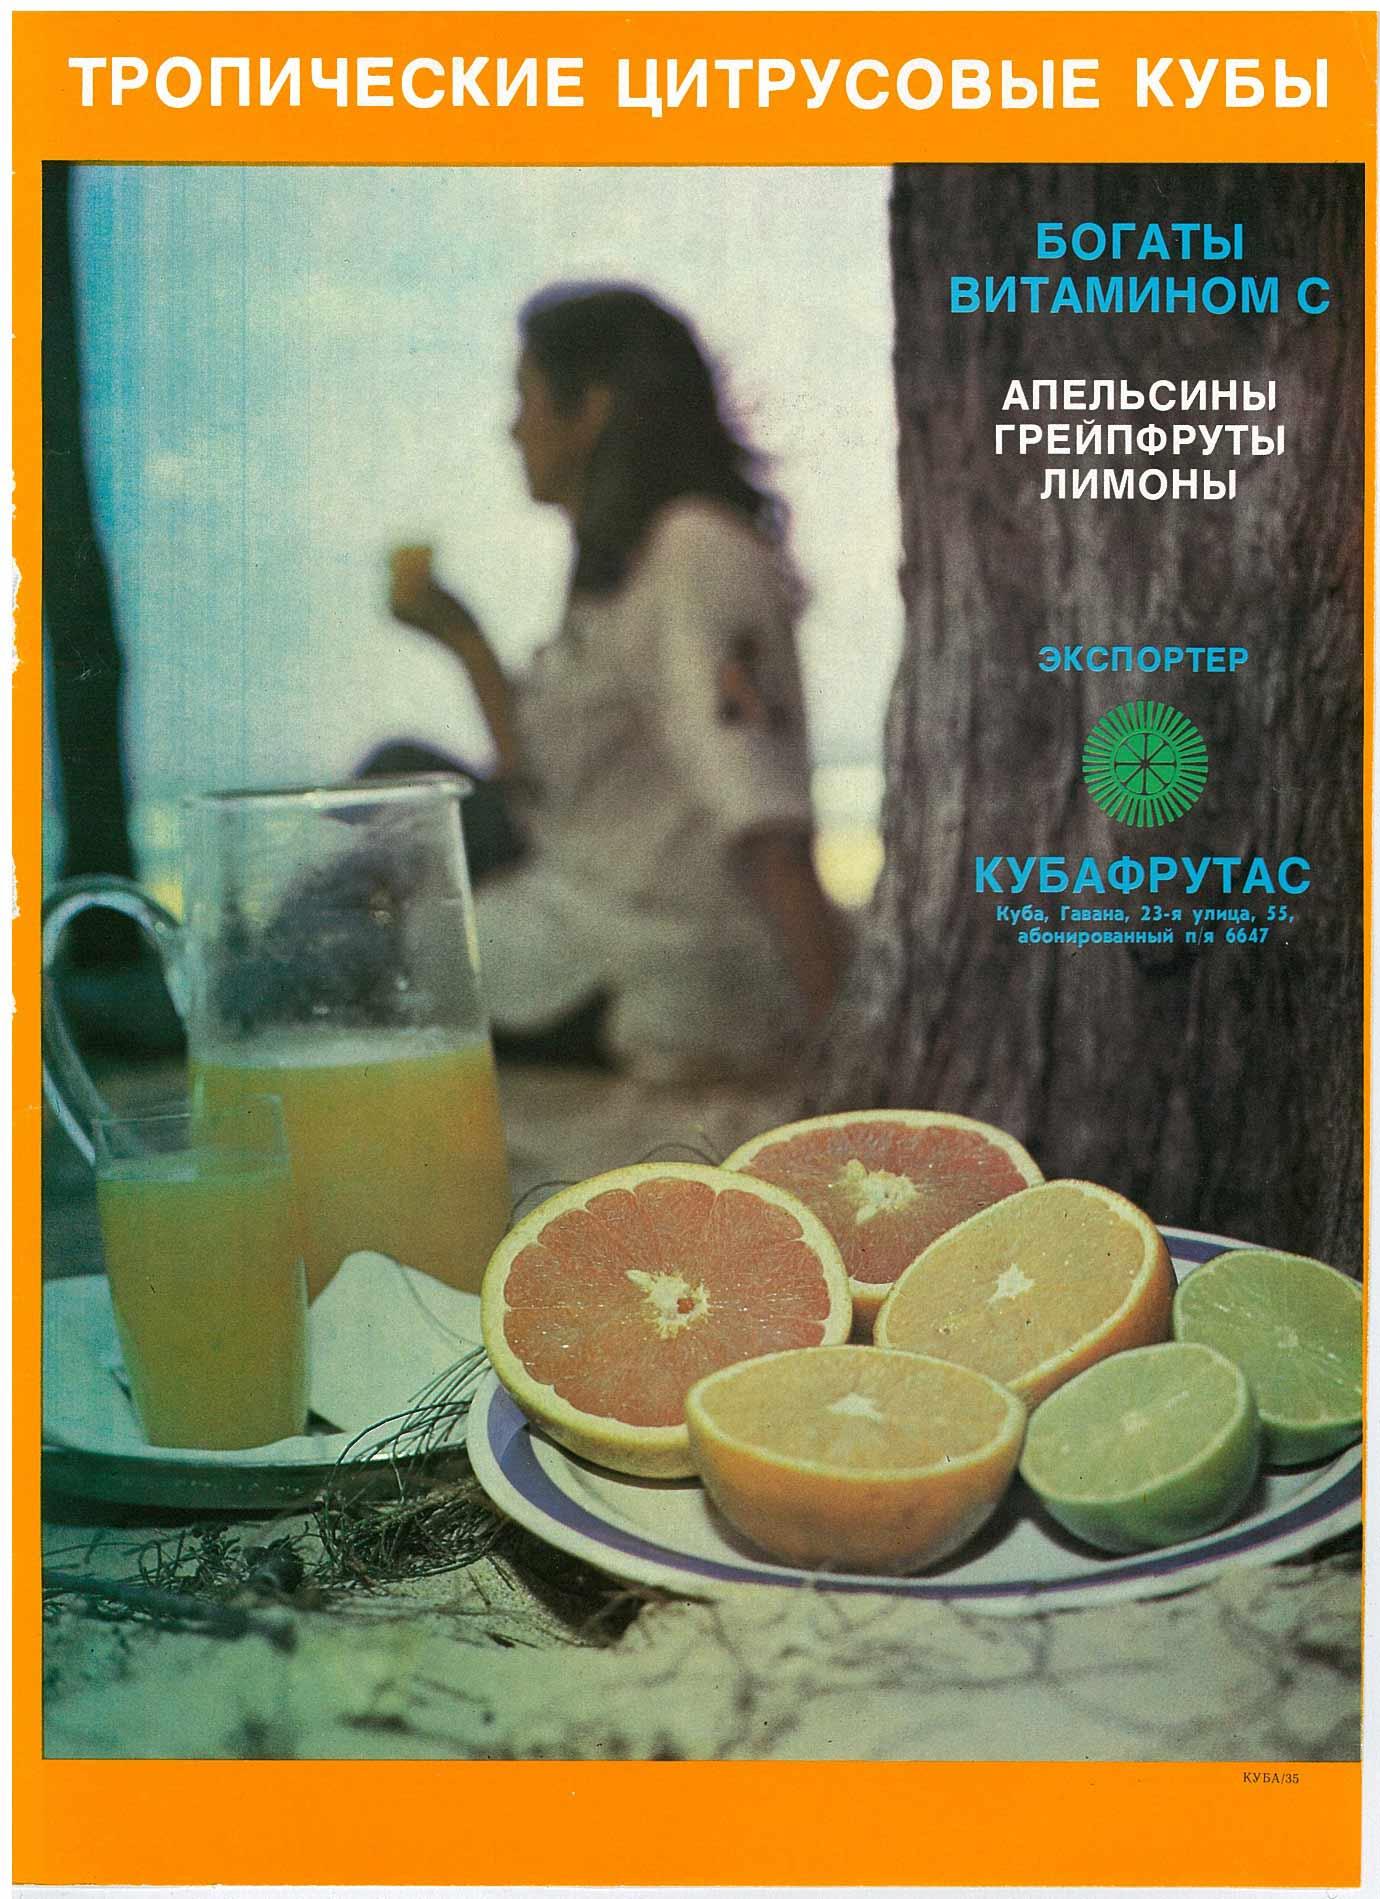 Кубафрутас - тропические цитрусовые Кубы